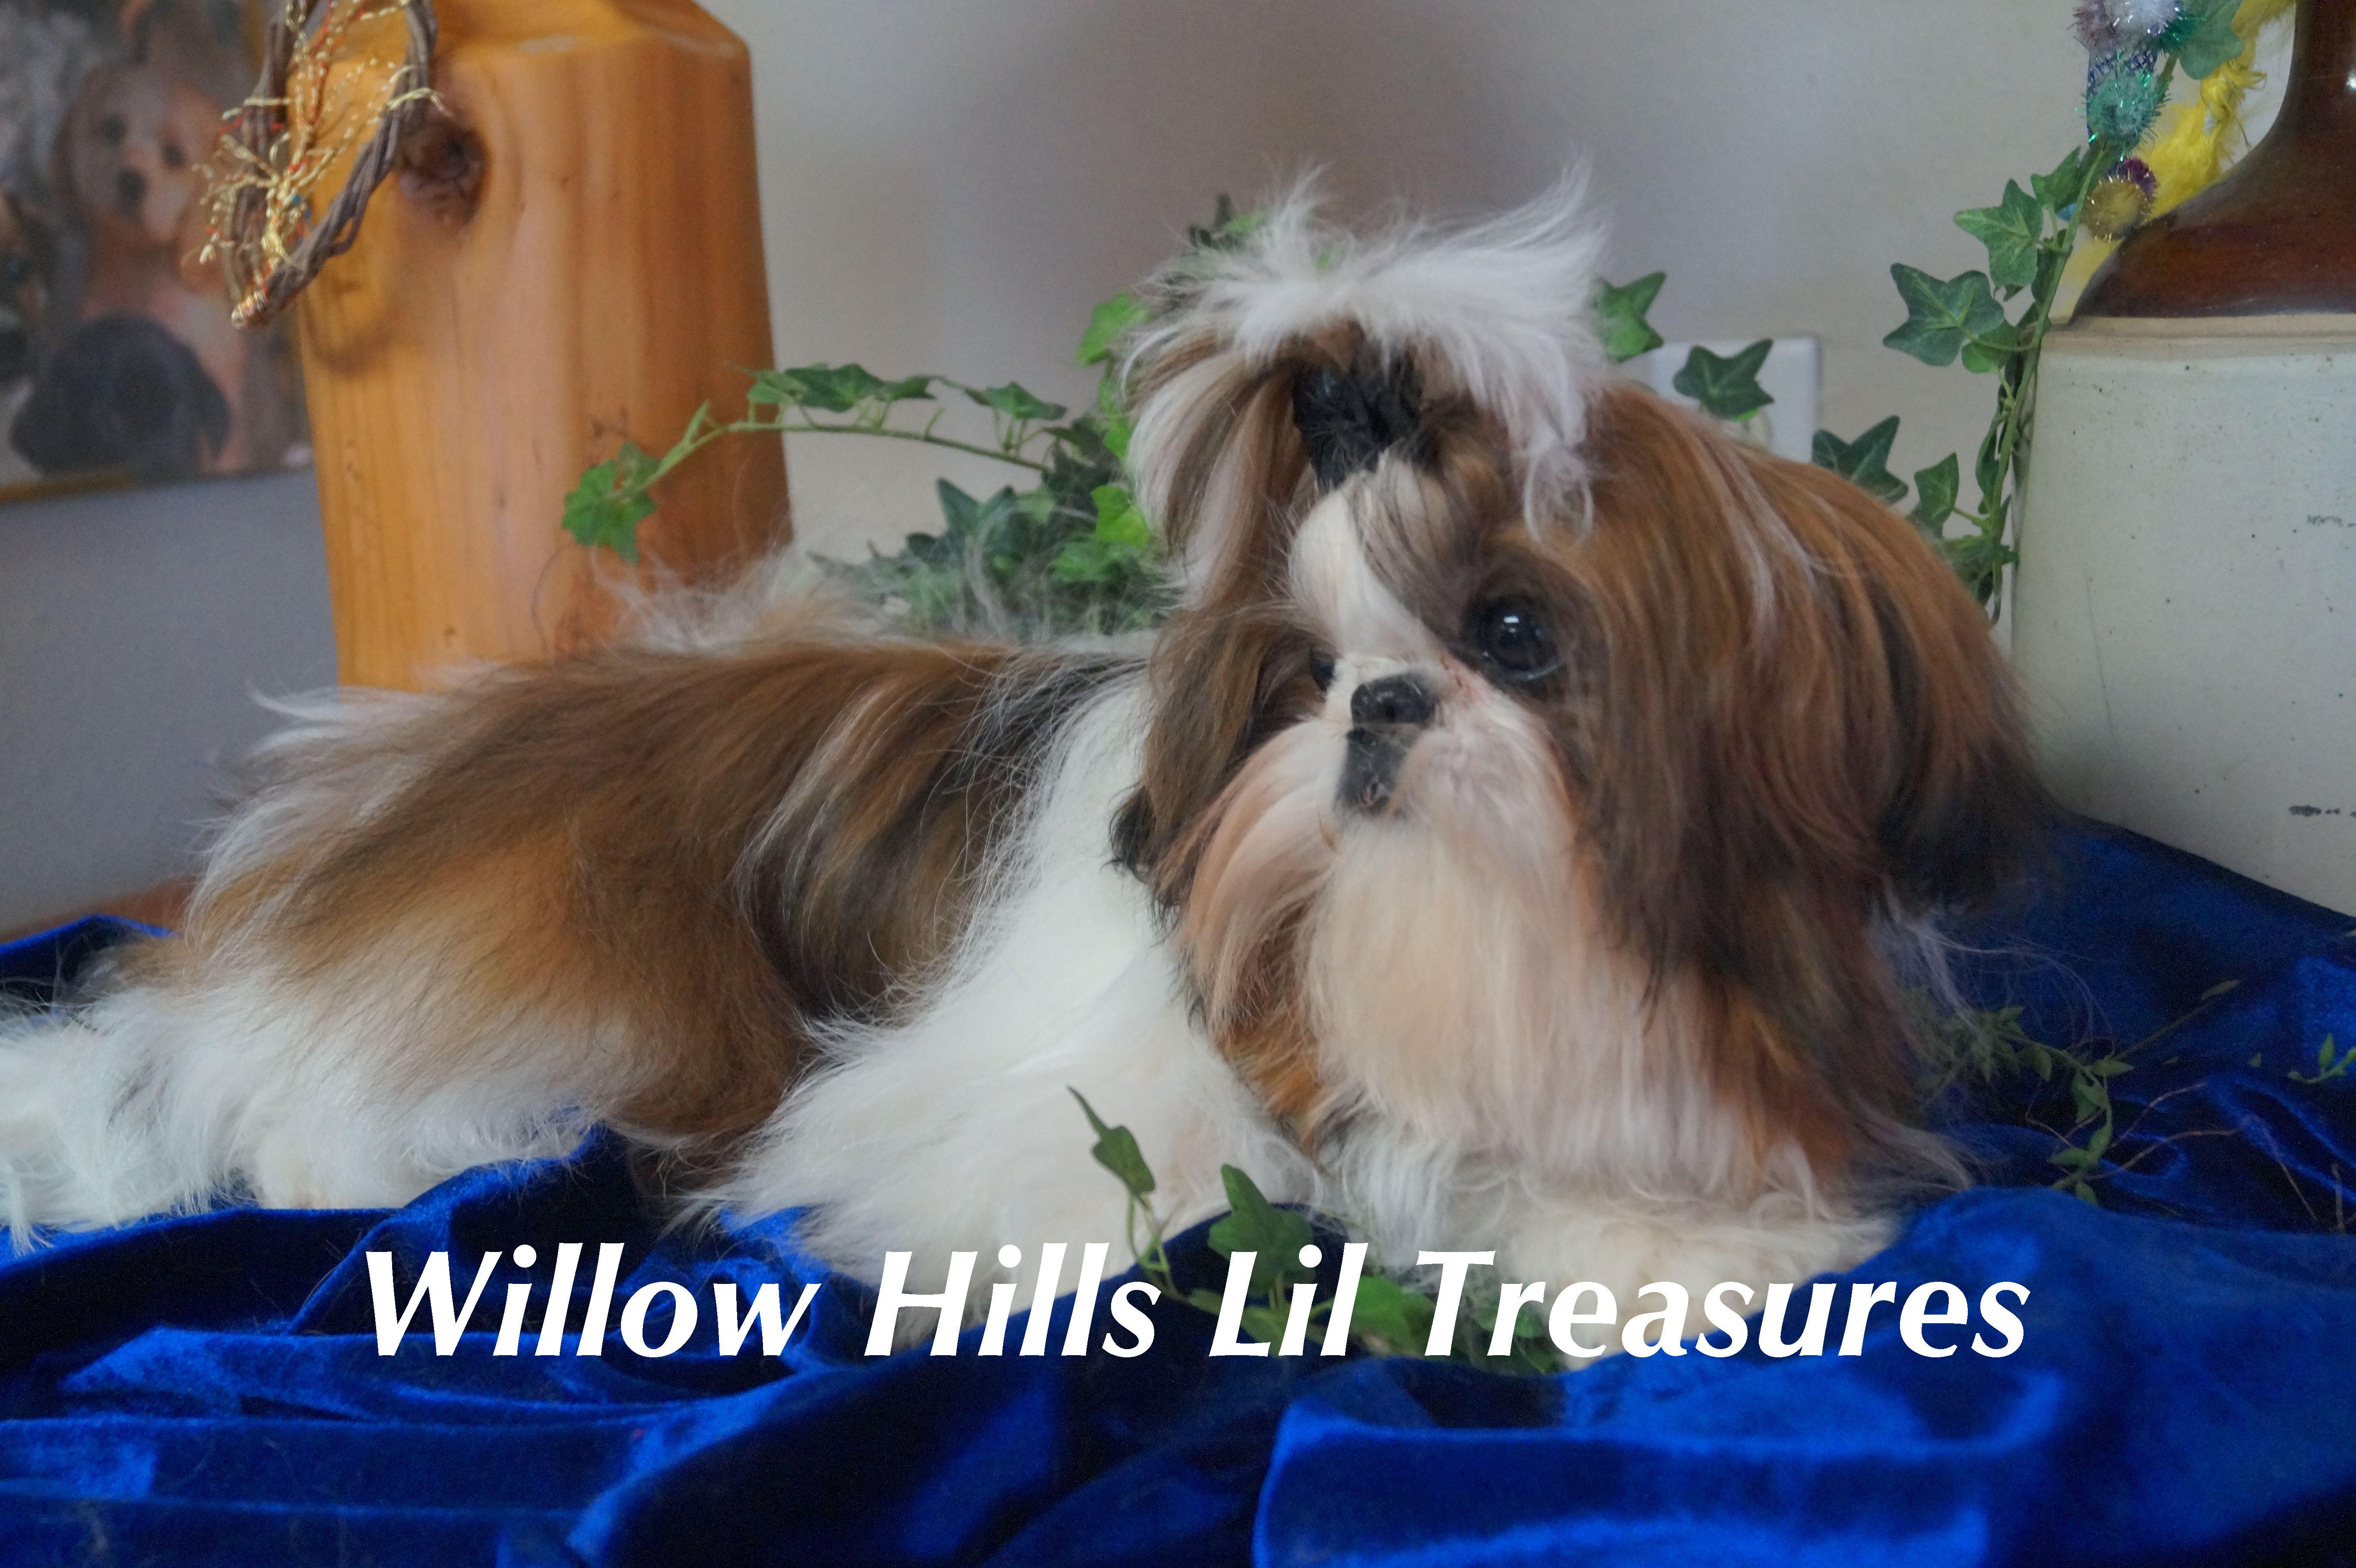 Shih Tzu Puppy Shih tzu puppy, Willow hill, Imperial